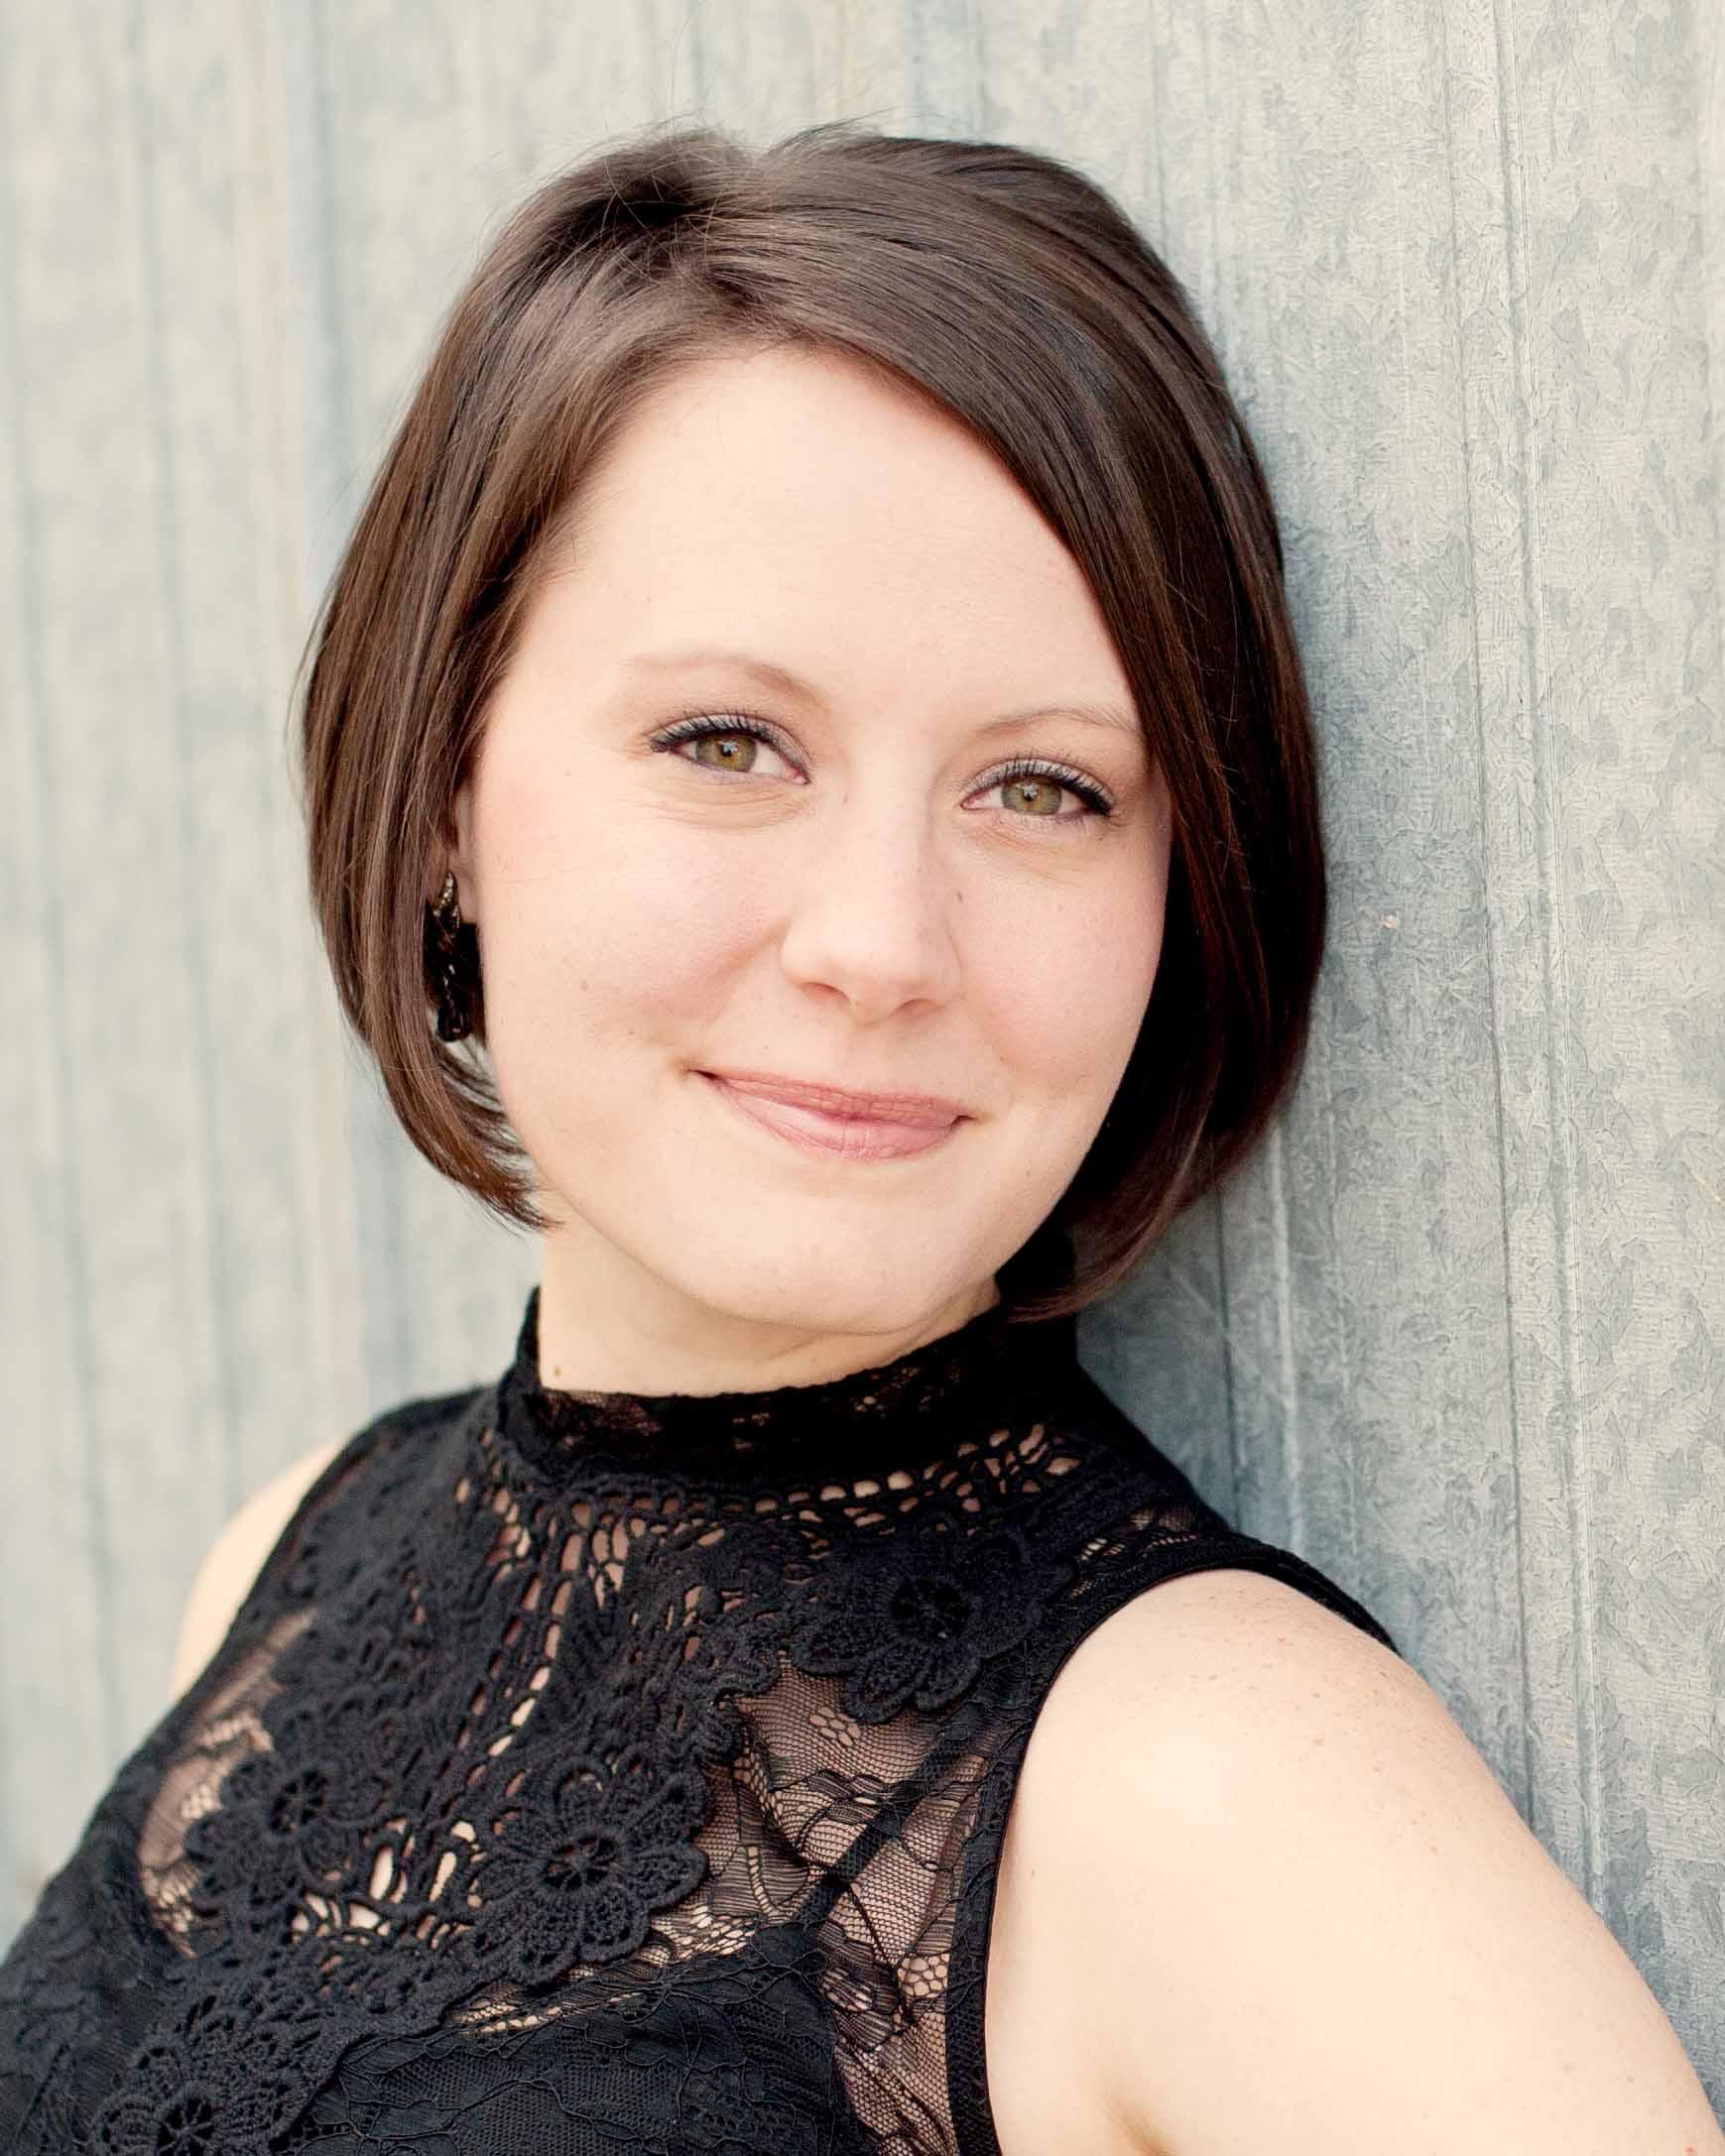 Amy Petrongelli